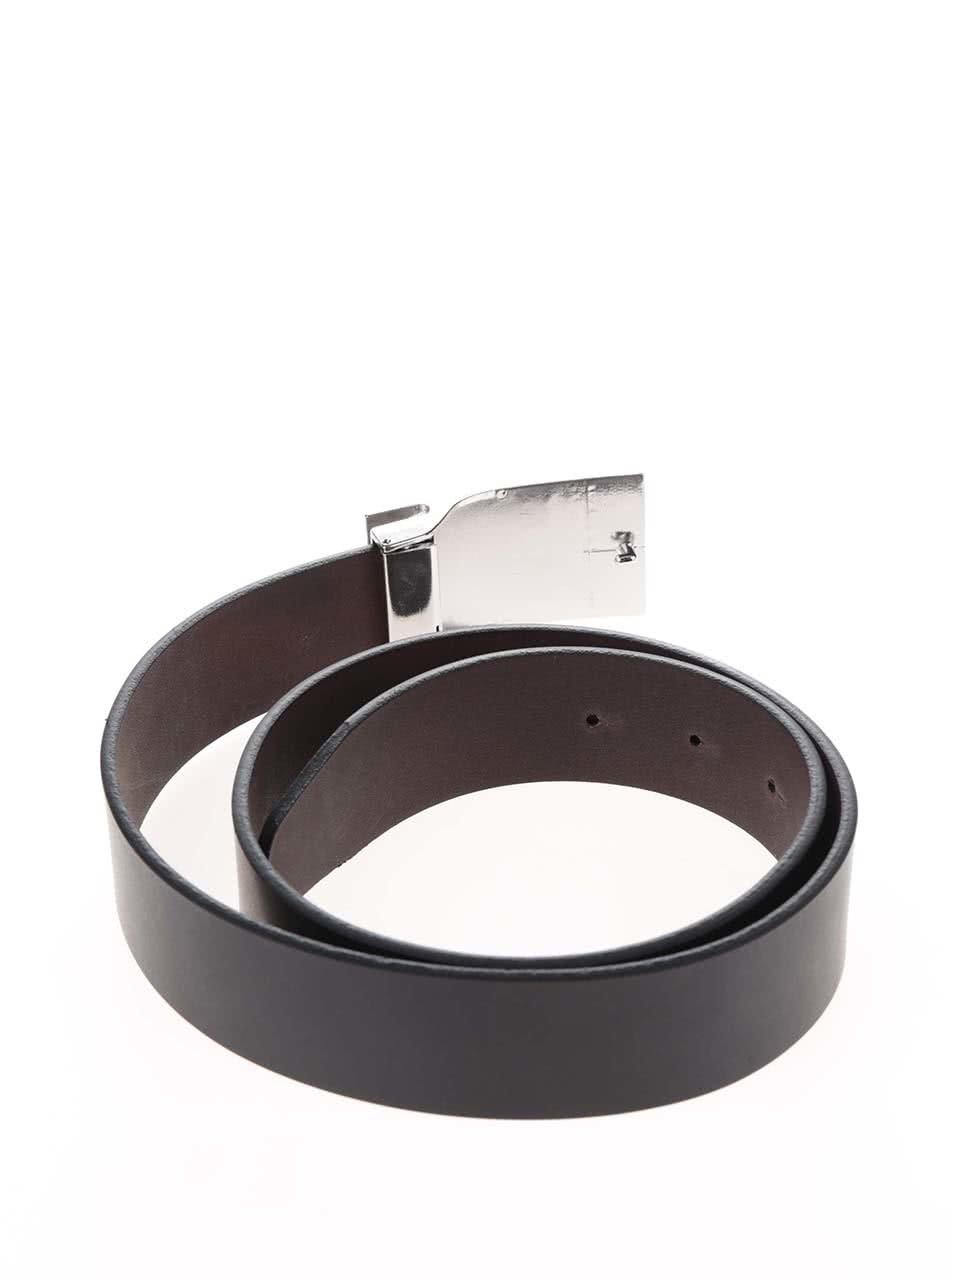 a3b1e9bc0ad ... Černohnědý pánský kožený pásek s vyměnitelnými sponami Tommy Hilfiger  ...